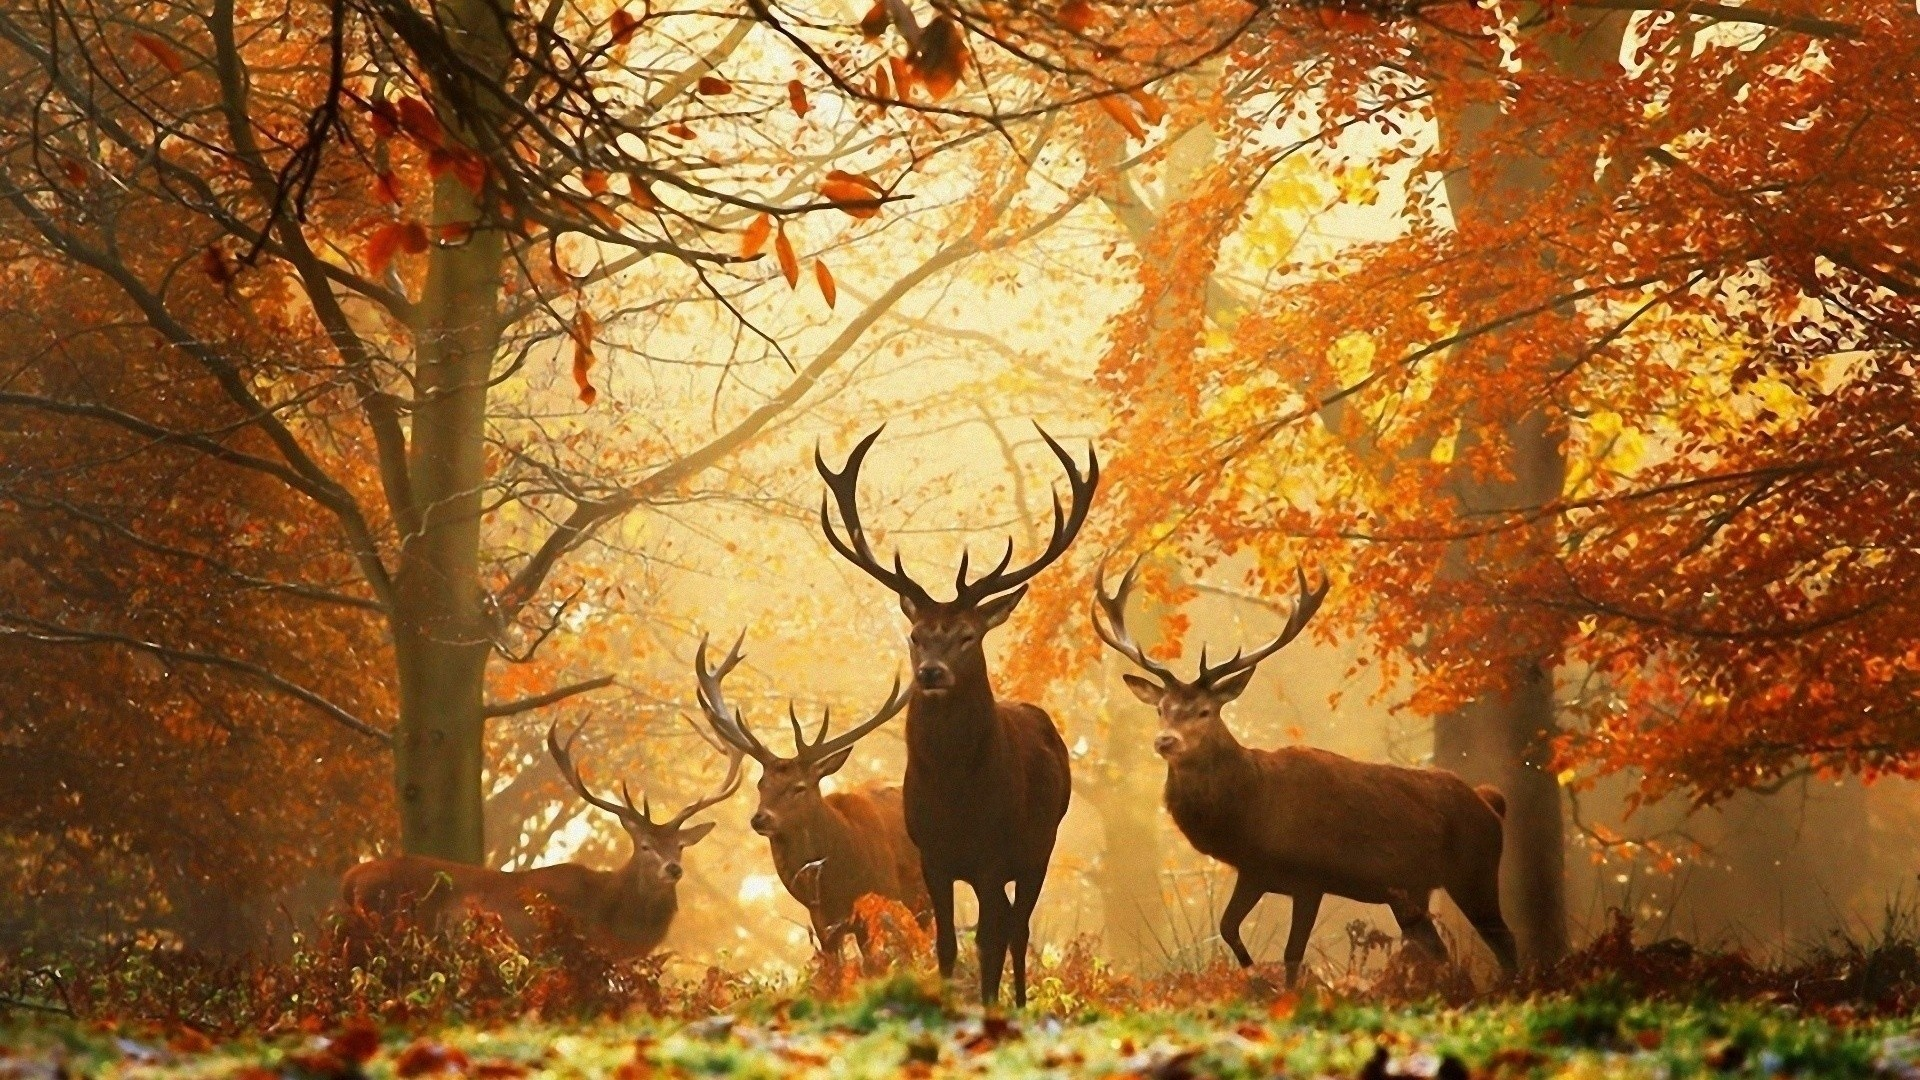 Wild Deer Pictures Wallpaper (54+ images)